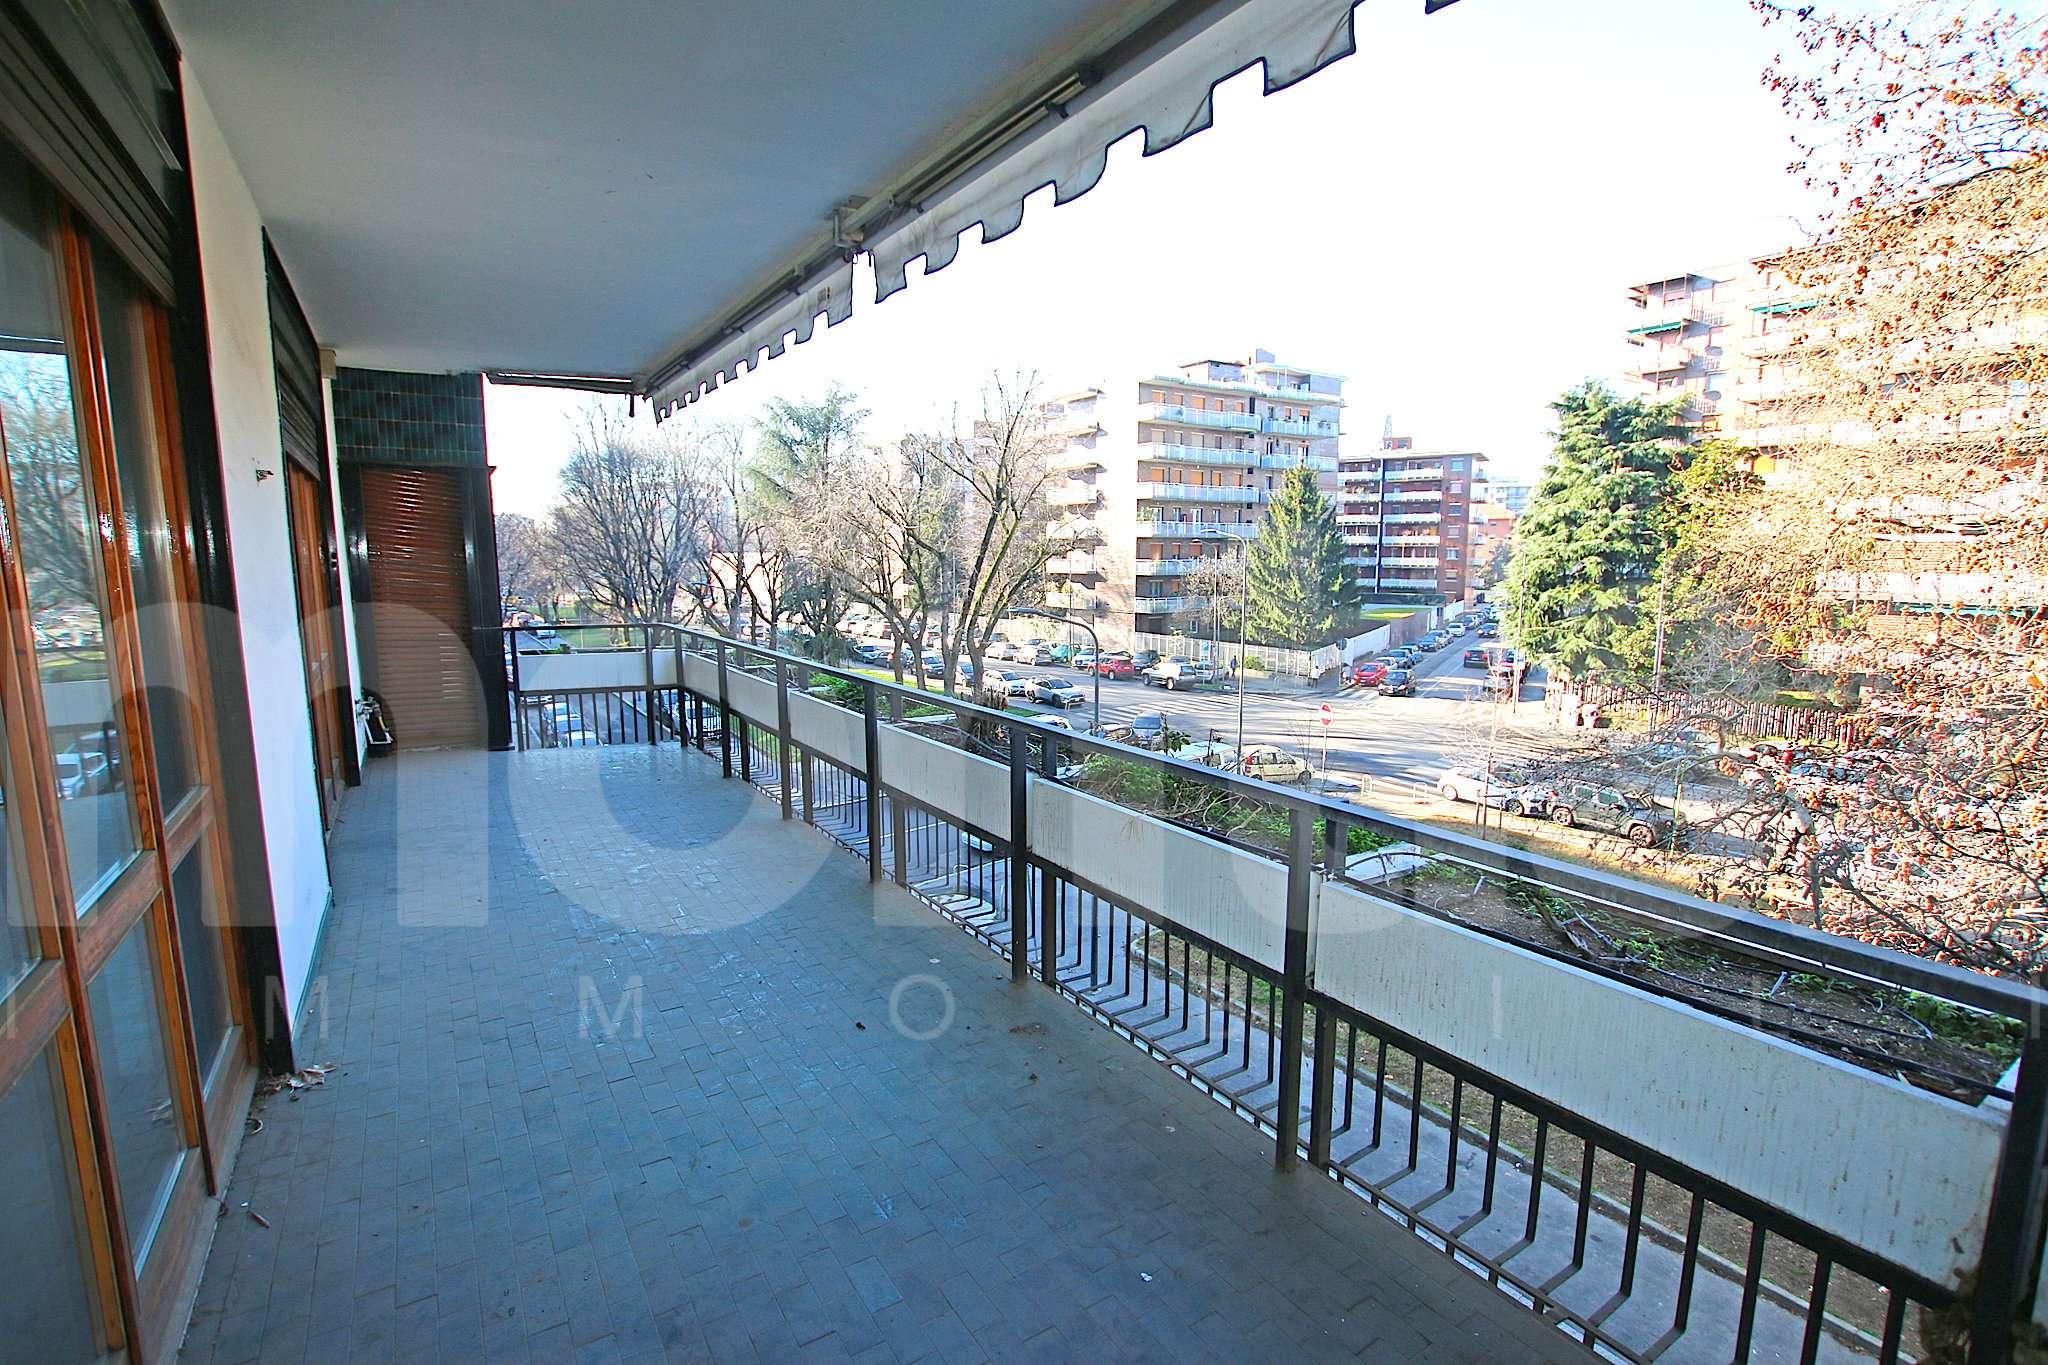 Appartamento in vendita a Milano, 5 locali, zona Zona: 13 . Baggio, Forze Armate, Quinto Romano, Bisceglie, Valsesia, prezzo € 845.000 | CambioCasa.it